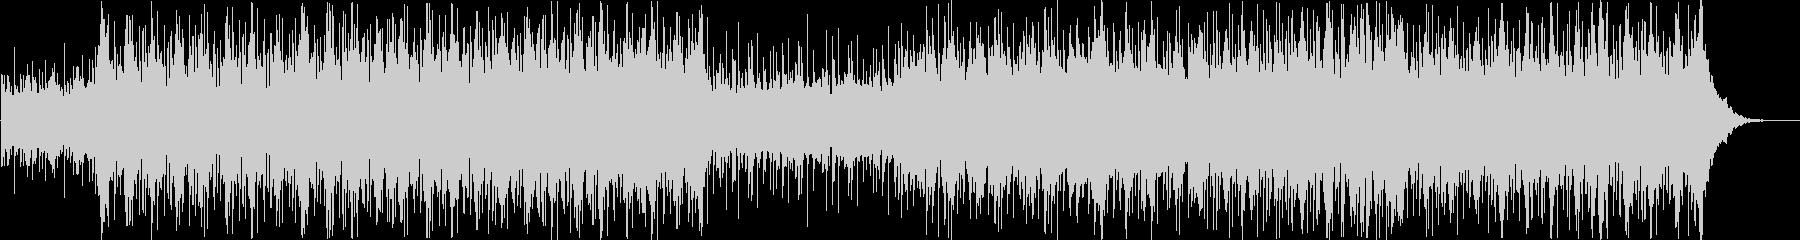 シンセサイザー、e-ピアノ、パーカ...の未再生の波形